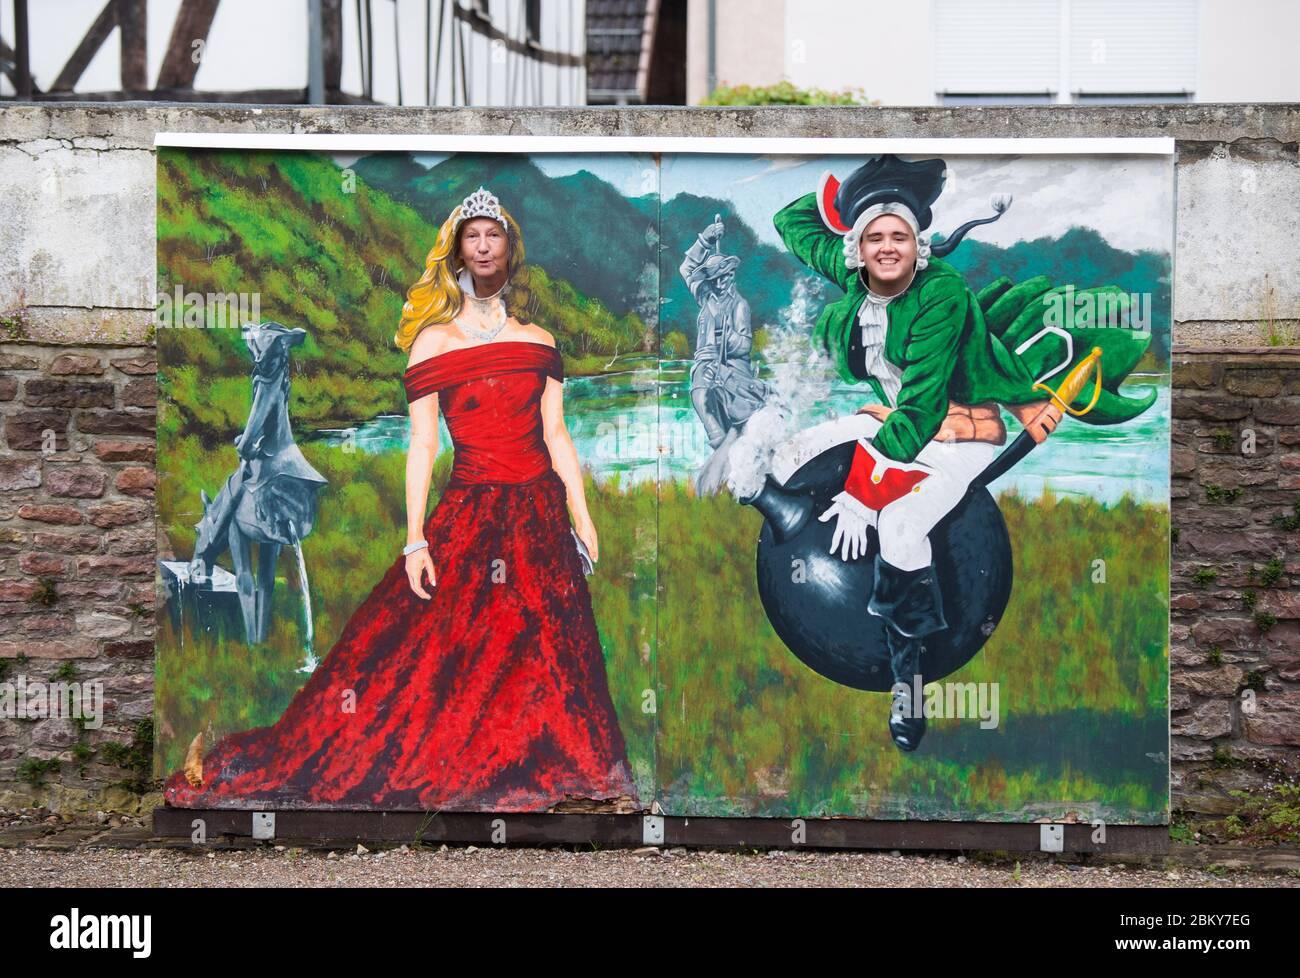 04 de mayo de 2020, Baja Sajonia, Bodenwerder: La directora del museo Claudia Erler y el miembro del personal Kevin Otte miran a través de una pared con una imagen del barón von Münchhausen en el cañón del Münchausen-Museo Bodenwerder. Como figura literaria o héroe de cine, el 'barón de mentira' Münchhausen, que se monta en una bola de cañón, es conocido en todo el mundo. La figura artística se basa en la personalidad histórica Hieronymus Carl Friedrich Freiherr von Münchhausen, nacido hace 300 años el 11 de mayo de 1720 en Bodenwerder, en el Weser. En el Museo Münchhausen se conmemora el mundialmente famoso 'Liing Baron'. Foto: Julian Stratenschulte Foto de stock